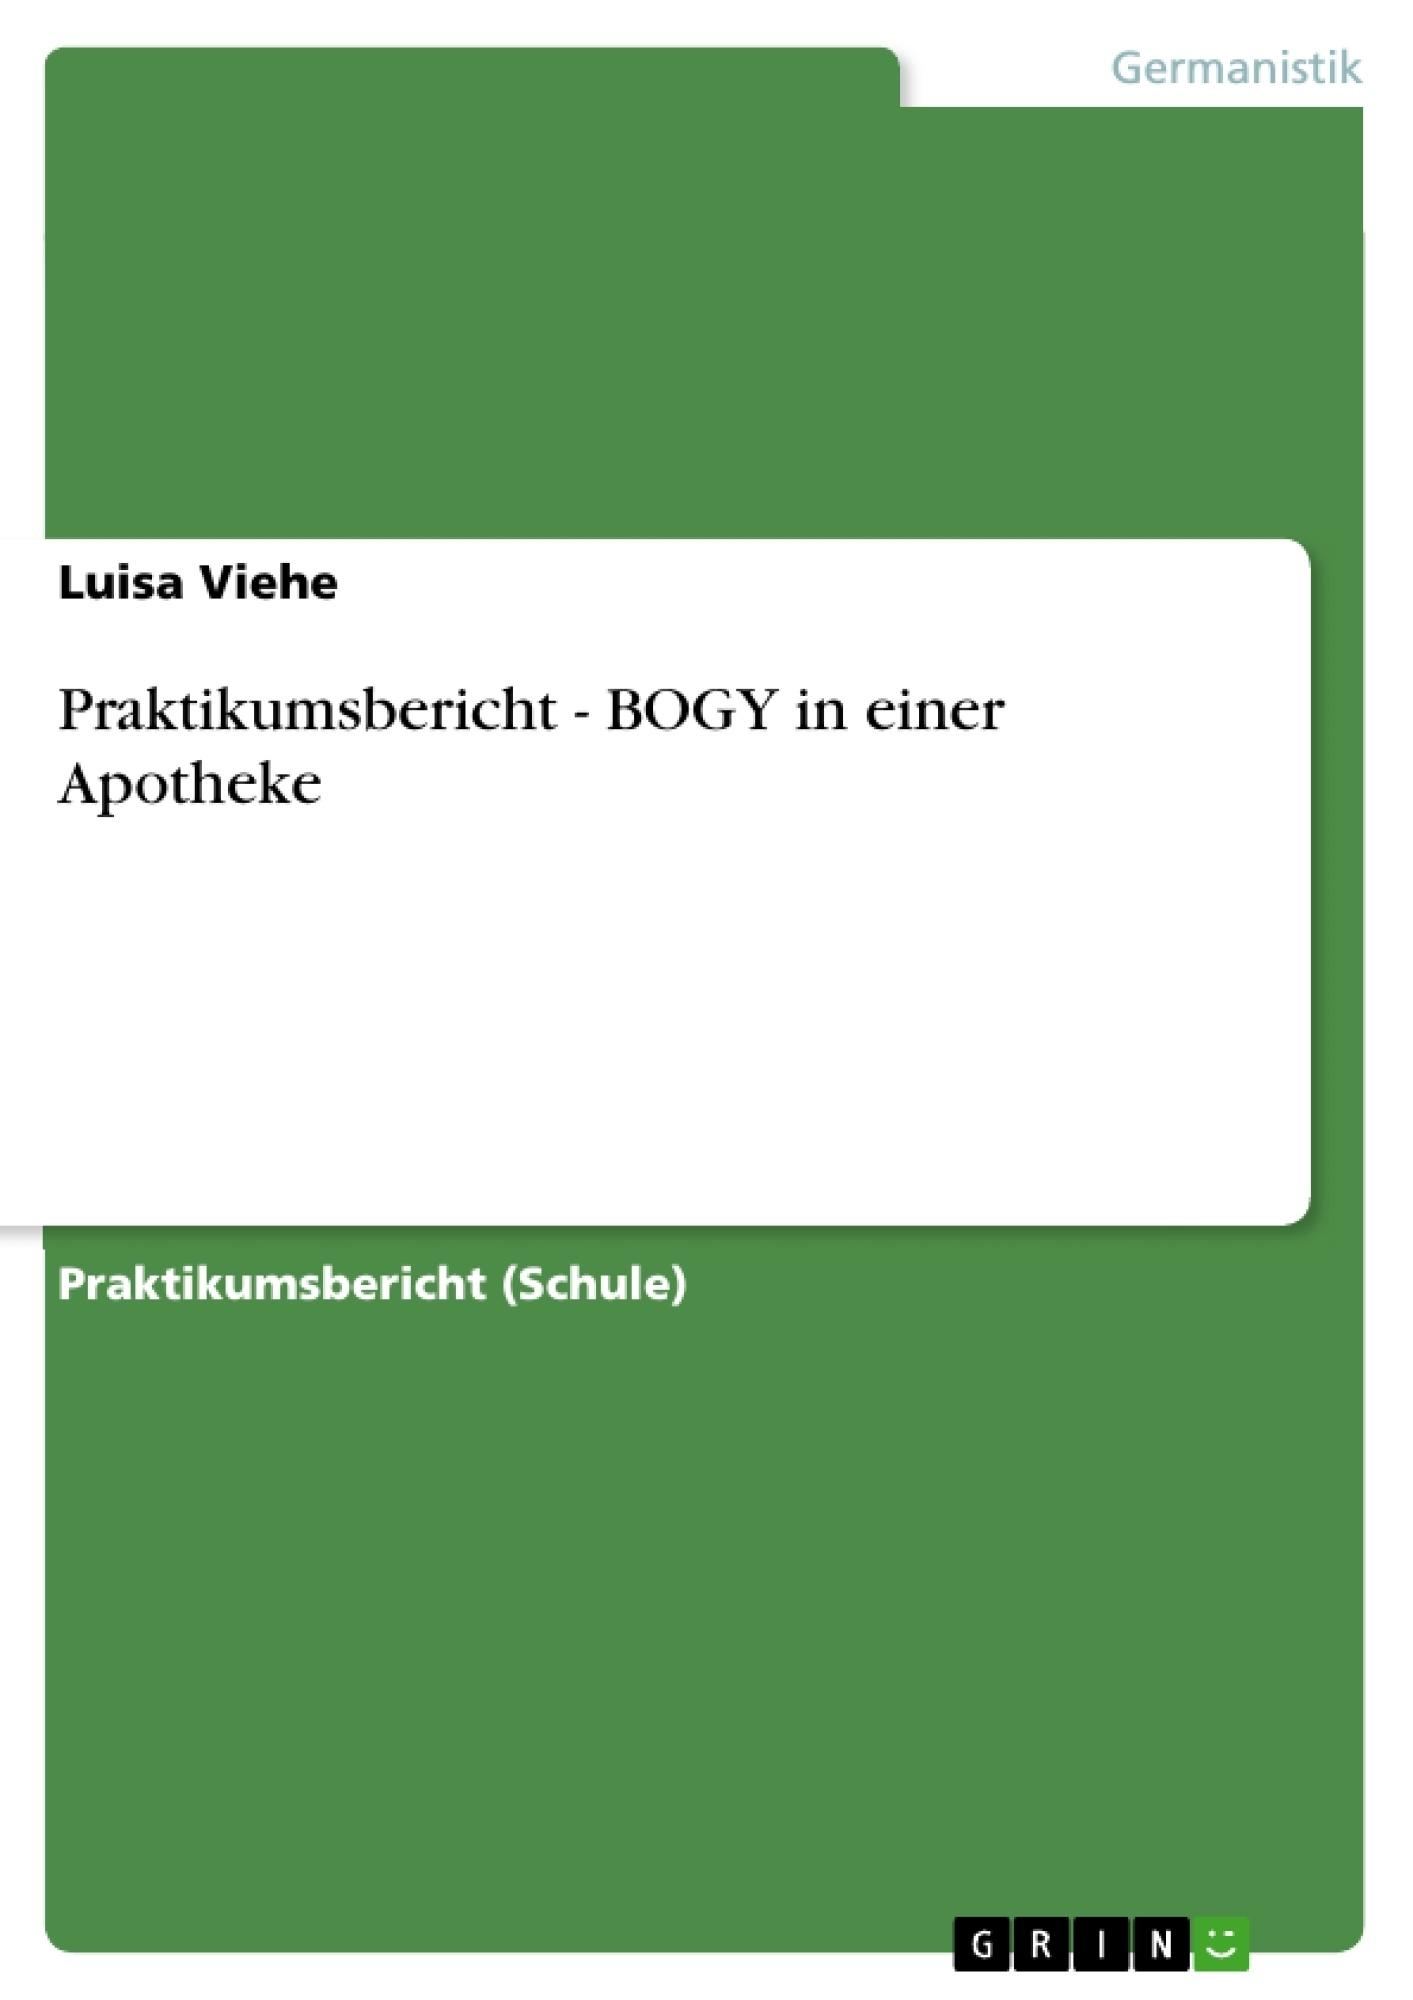 Titel: Praktikumsbericht - BOGY in einer Apotheke